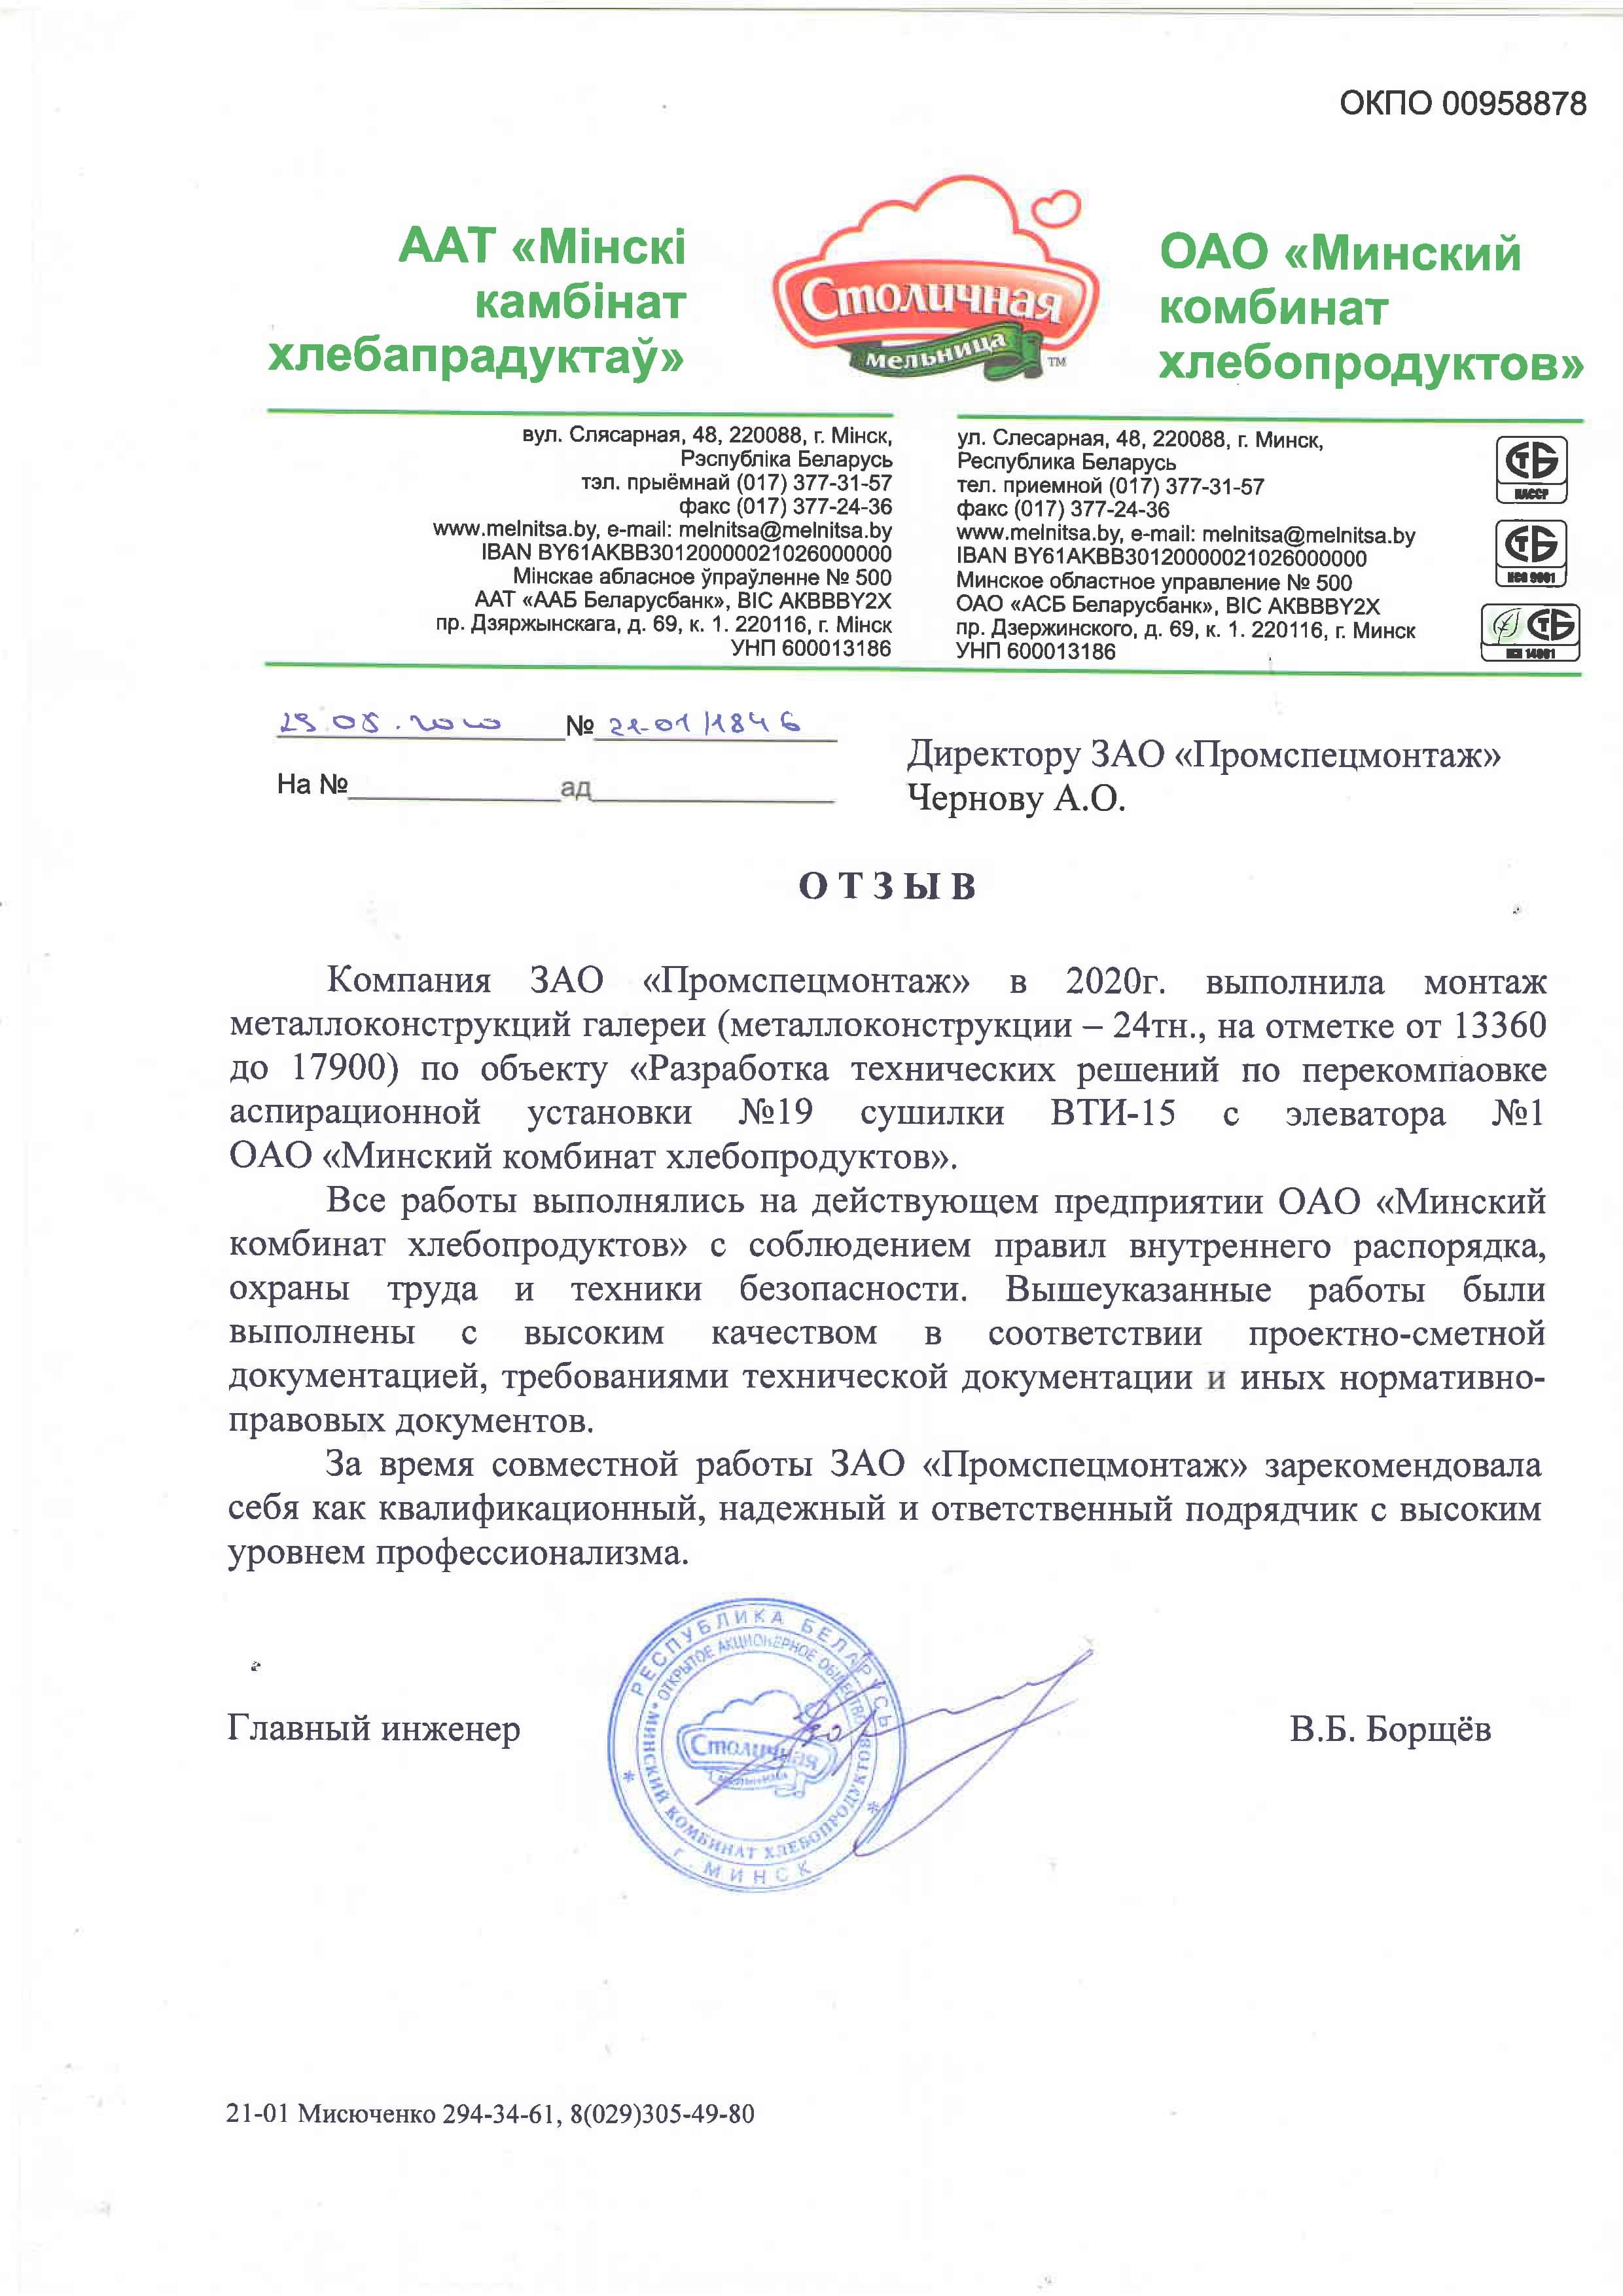 Минский Комбинат Хлебопрод